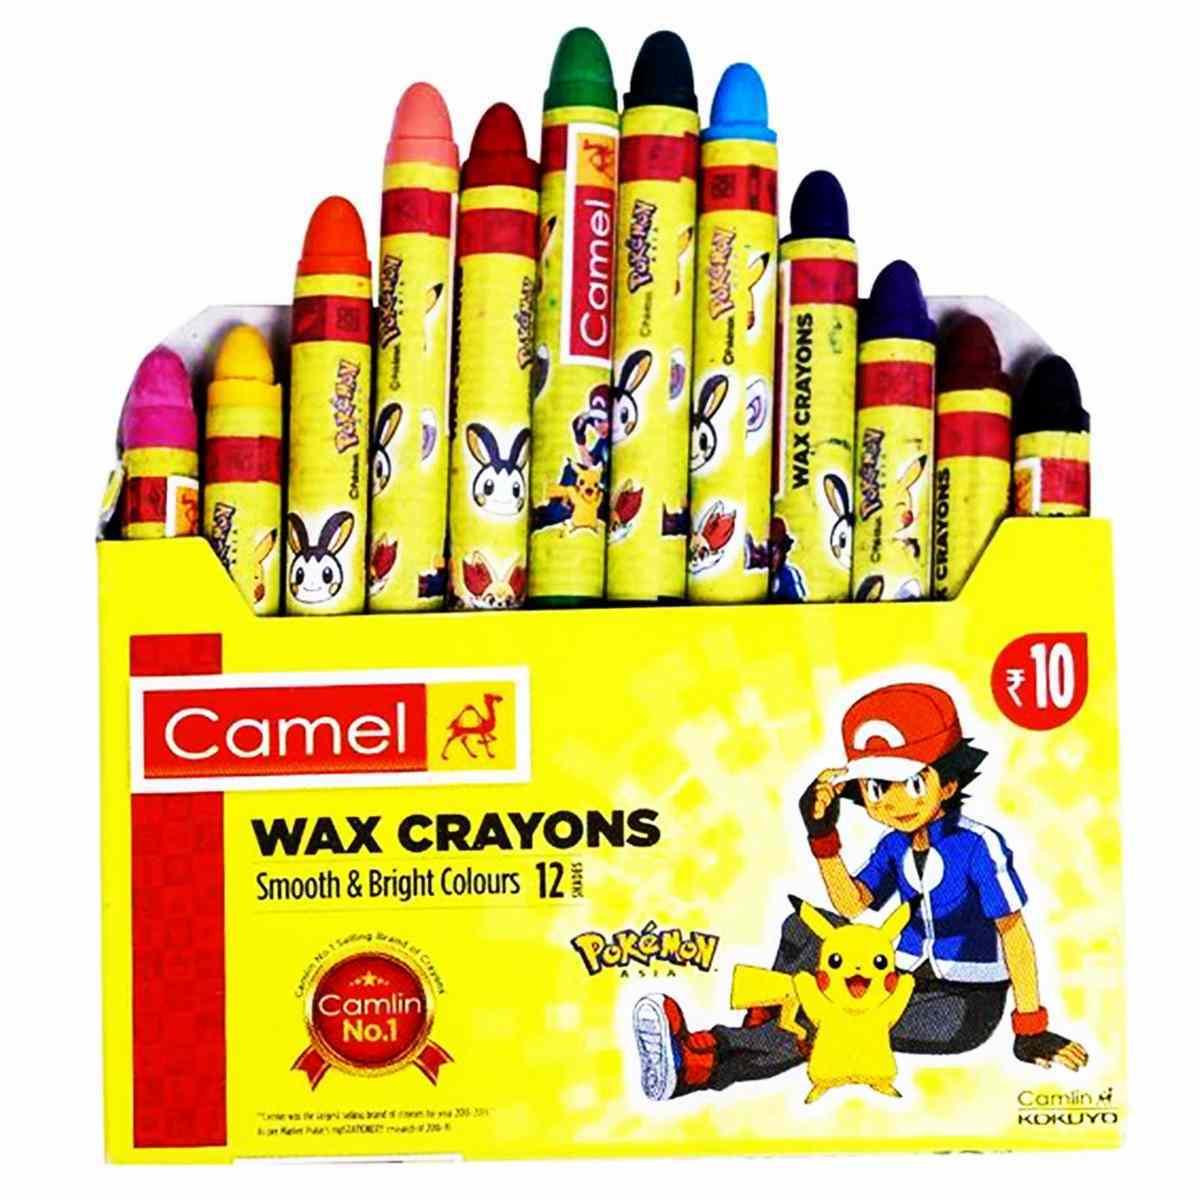 Camlin Wax Crayons 4521546